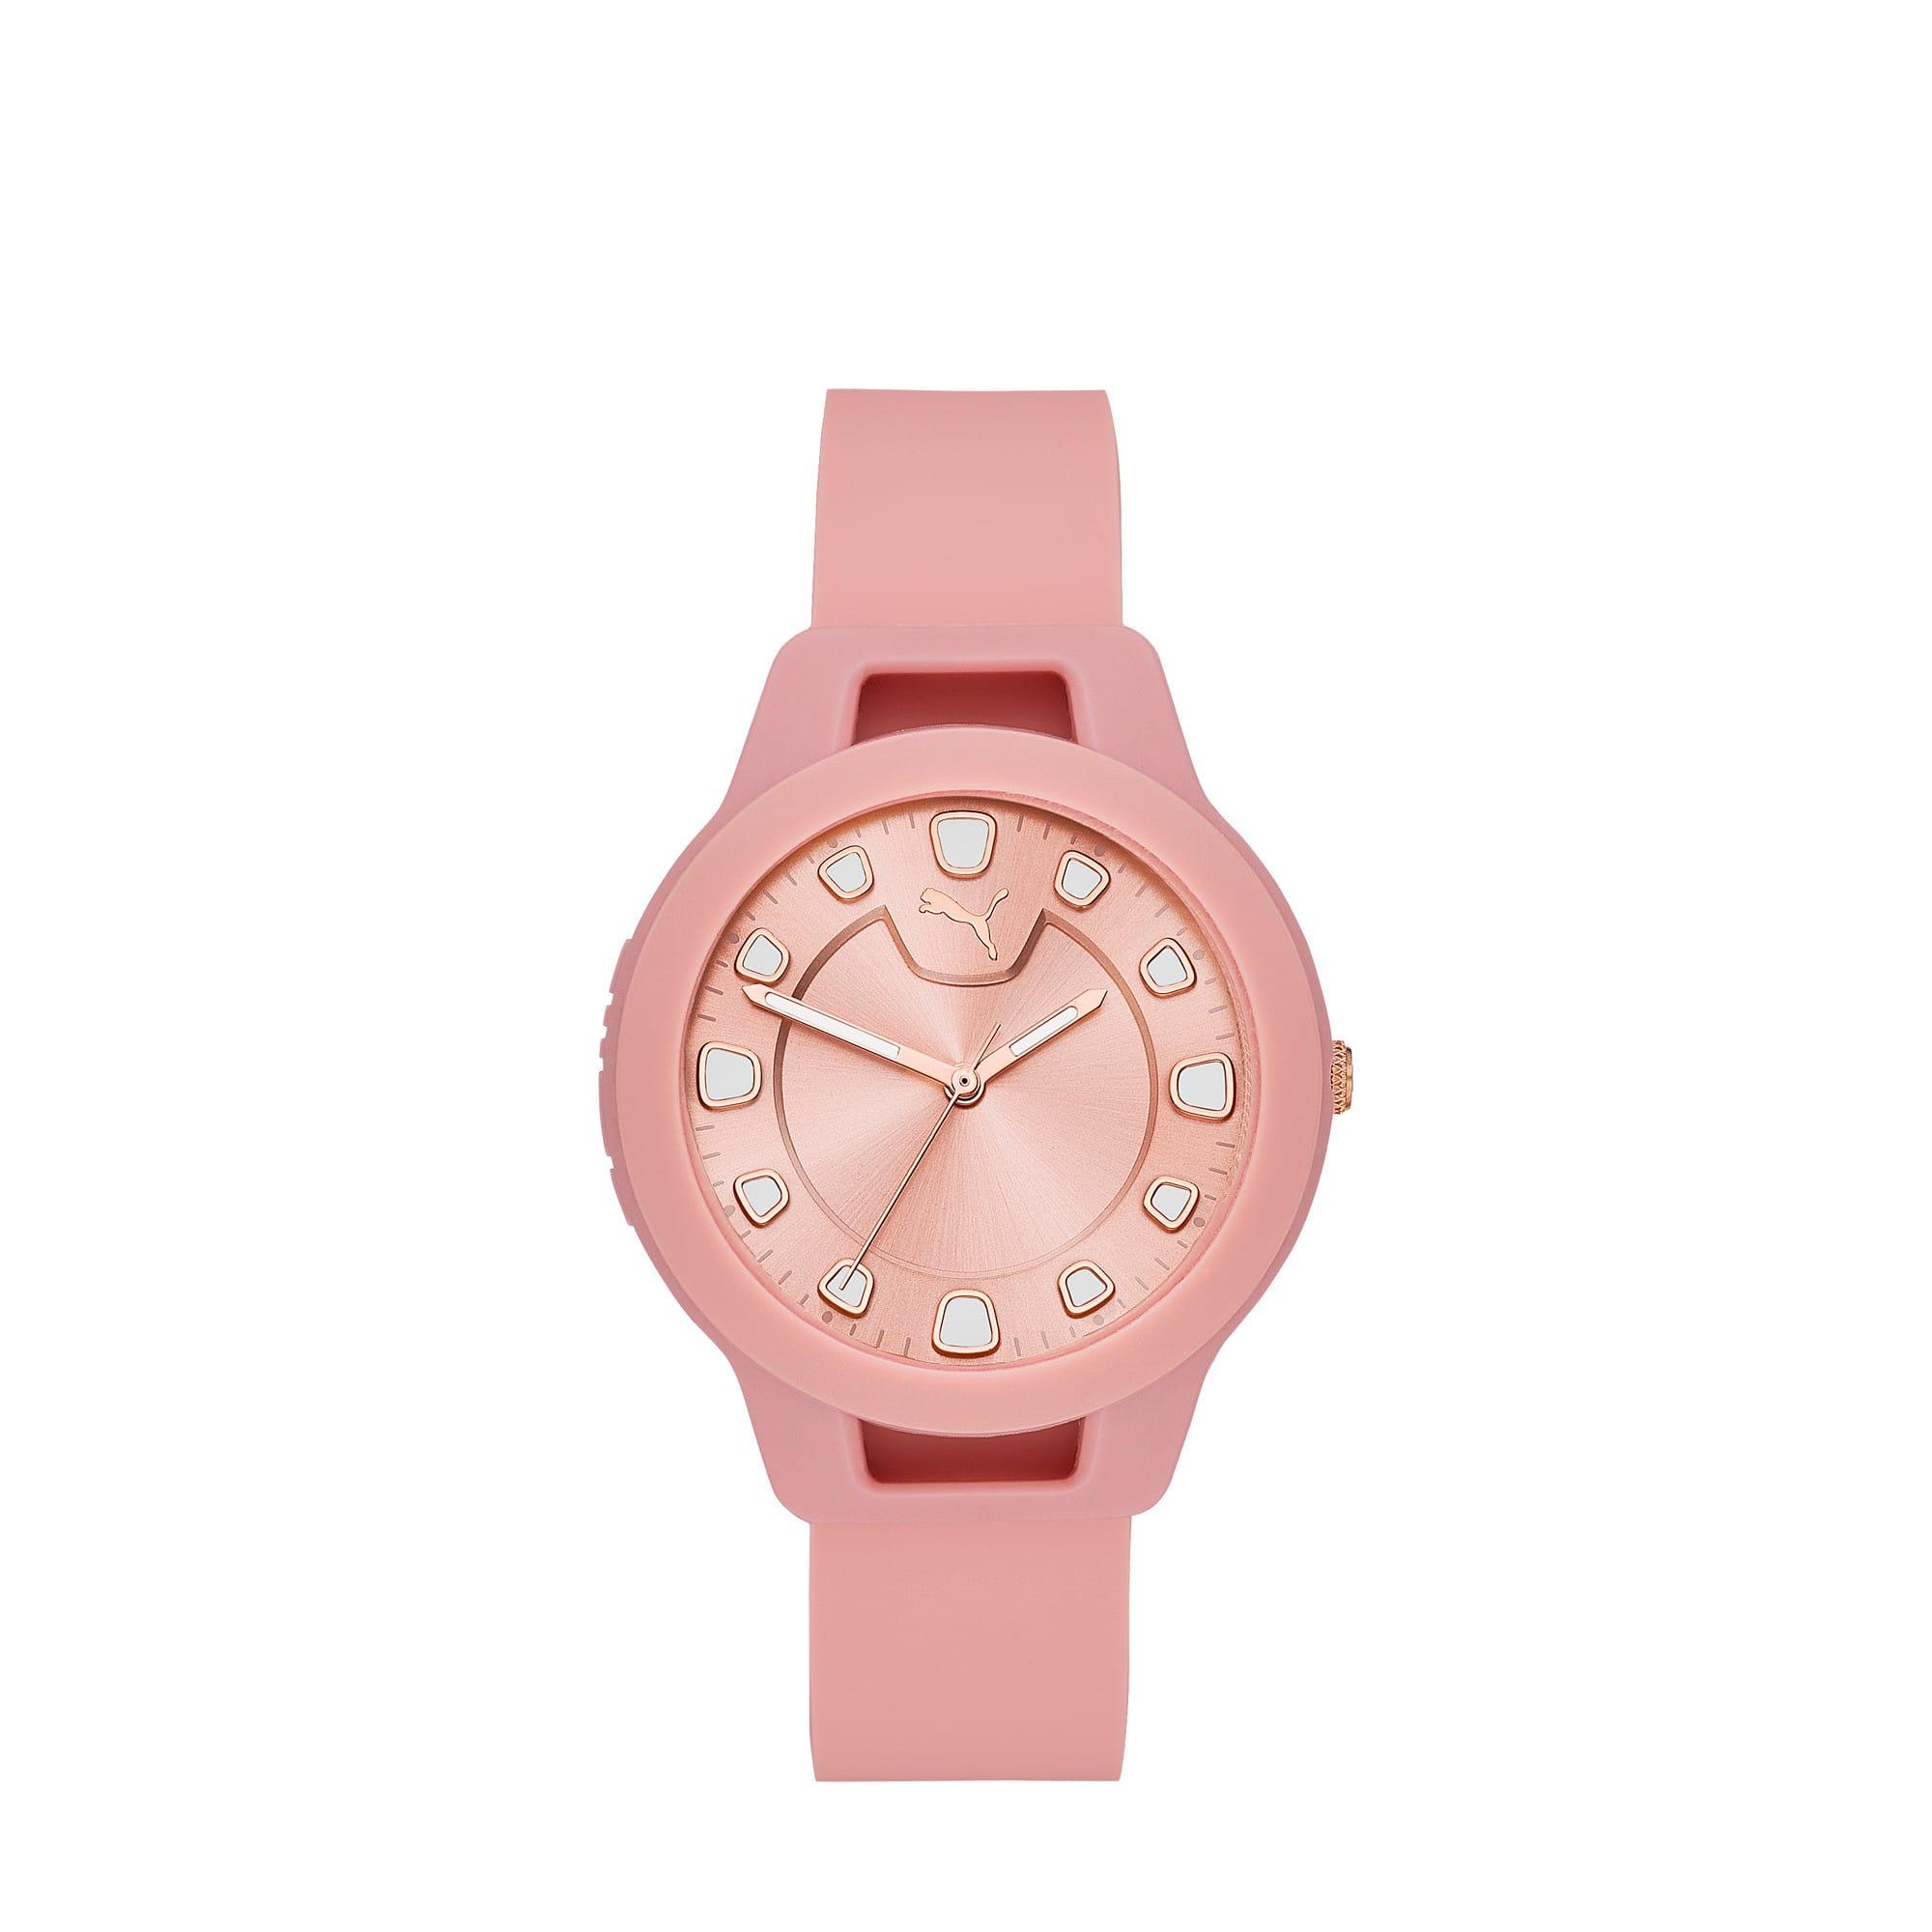 Thumbnail 1 of Reset Rose Gold Watch, Blush/Blush, medium